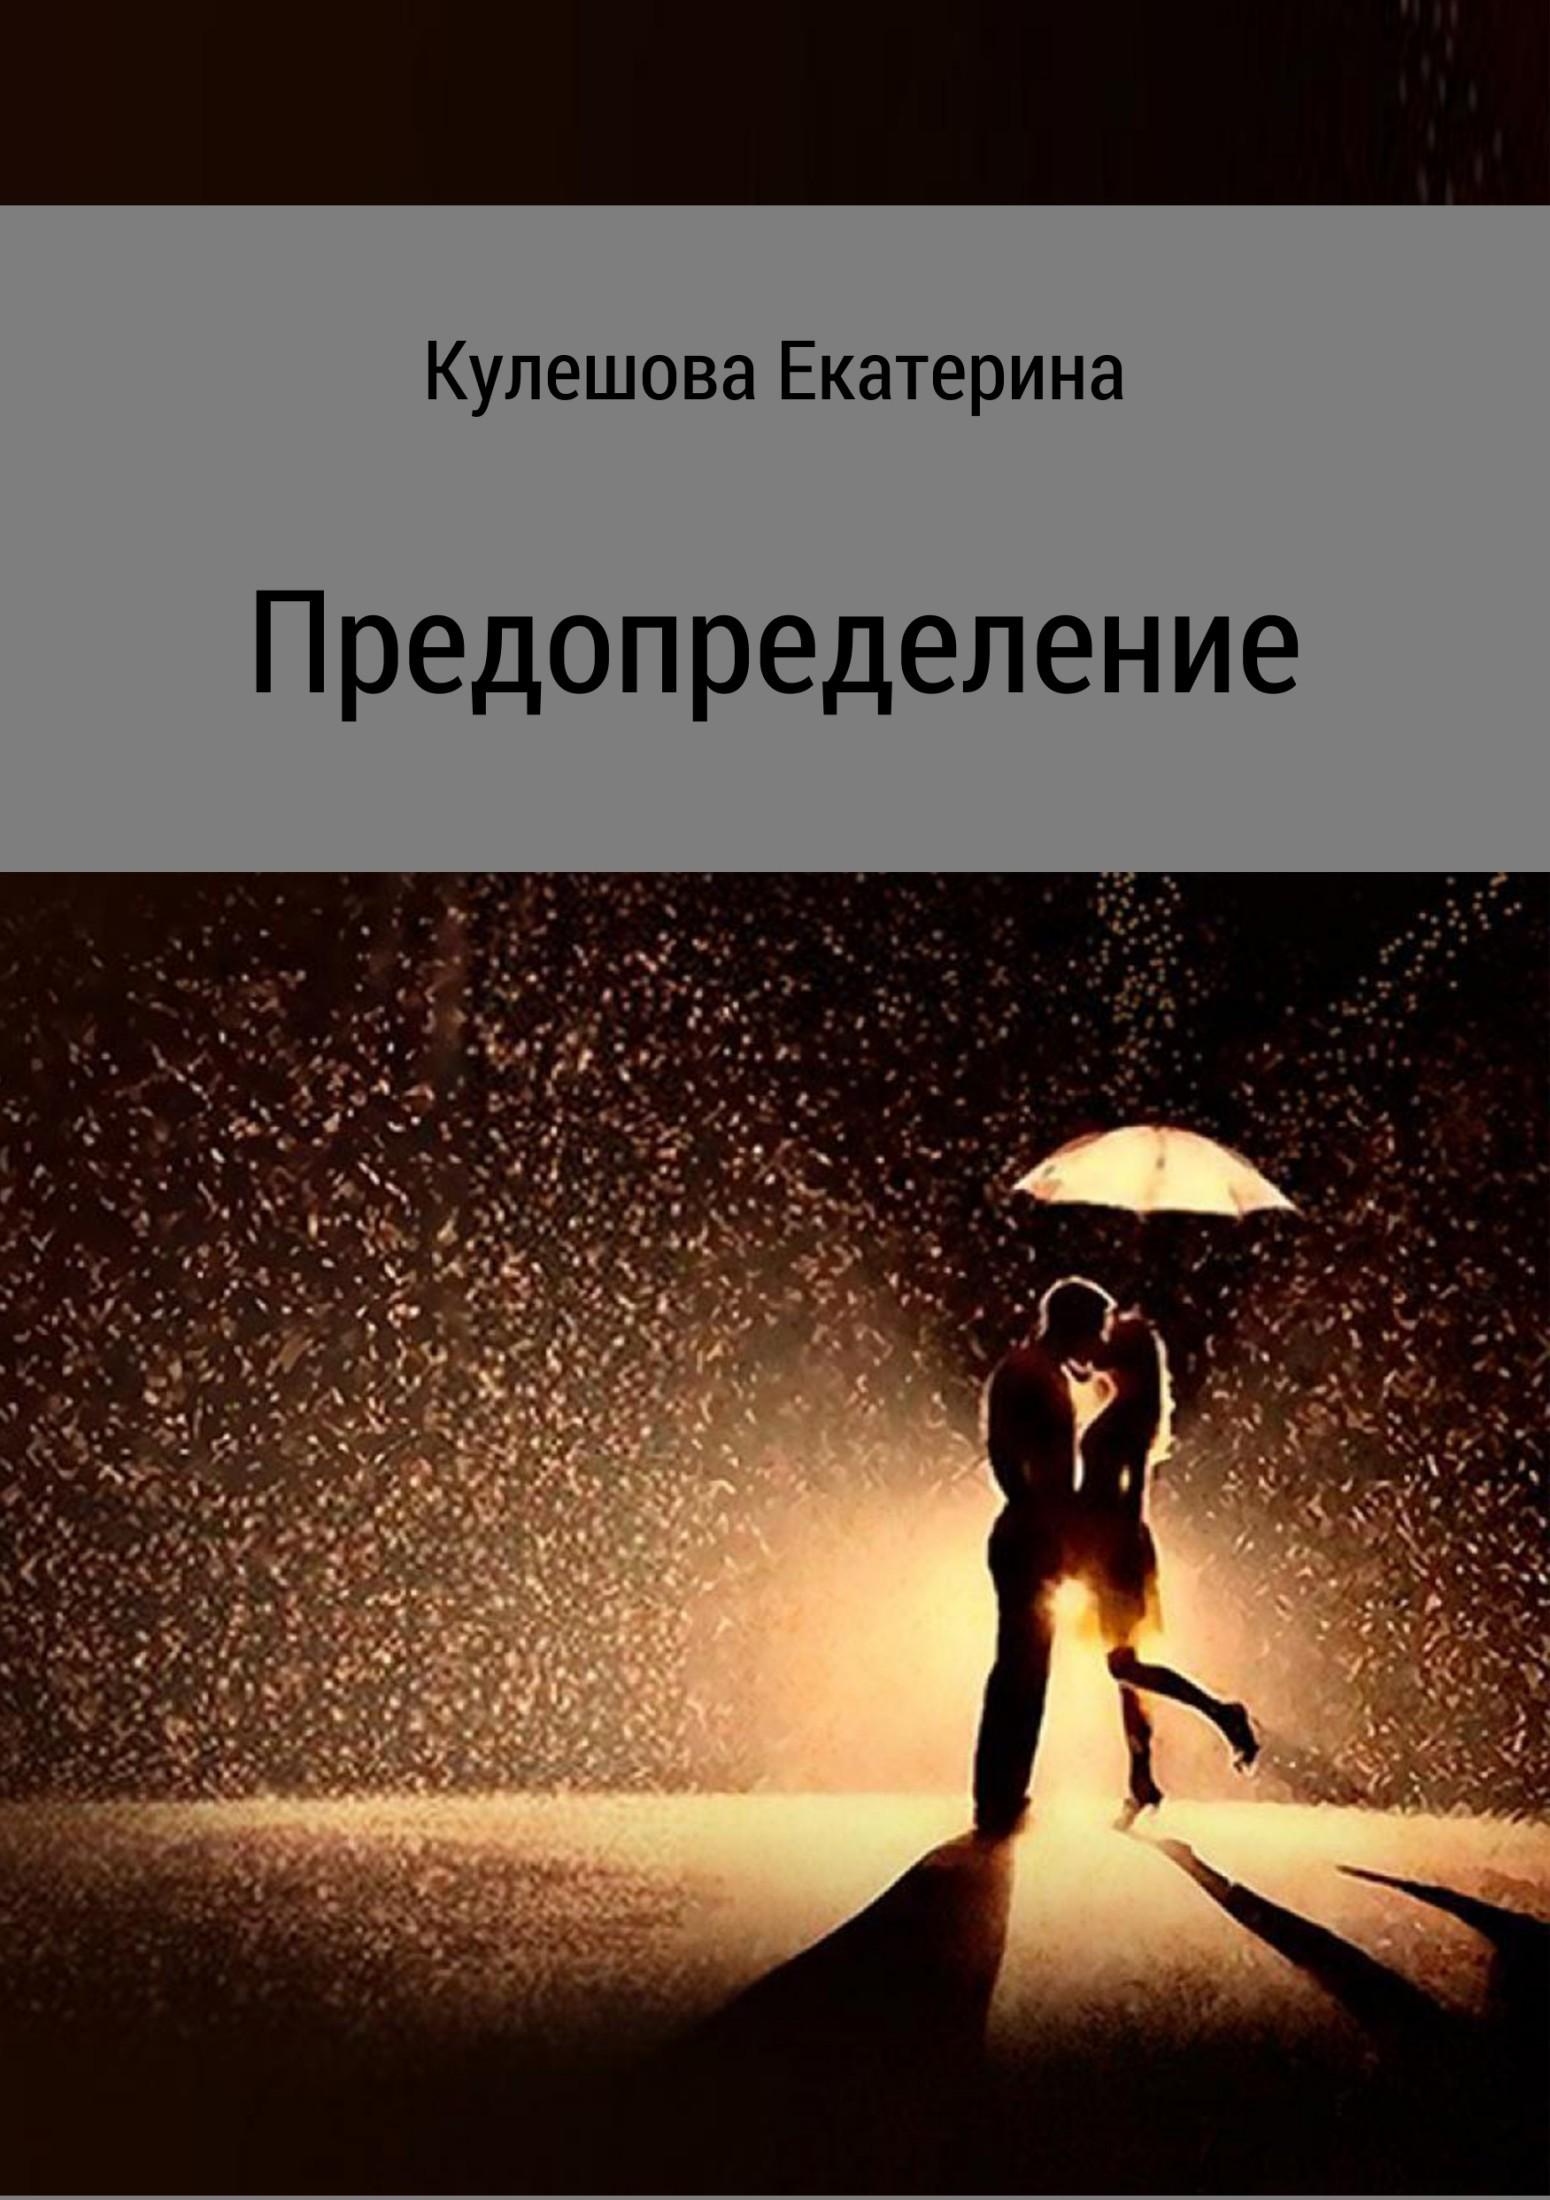 Екатерина Сергеевна Кулешова Предопределение